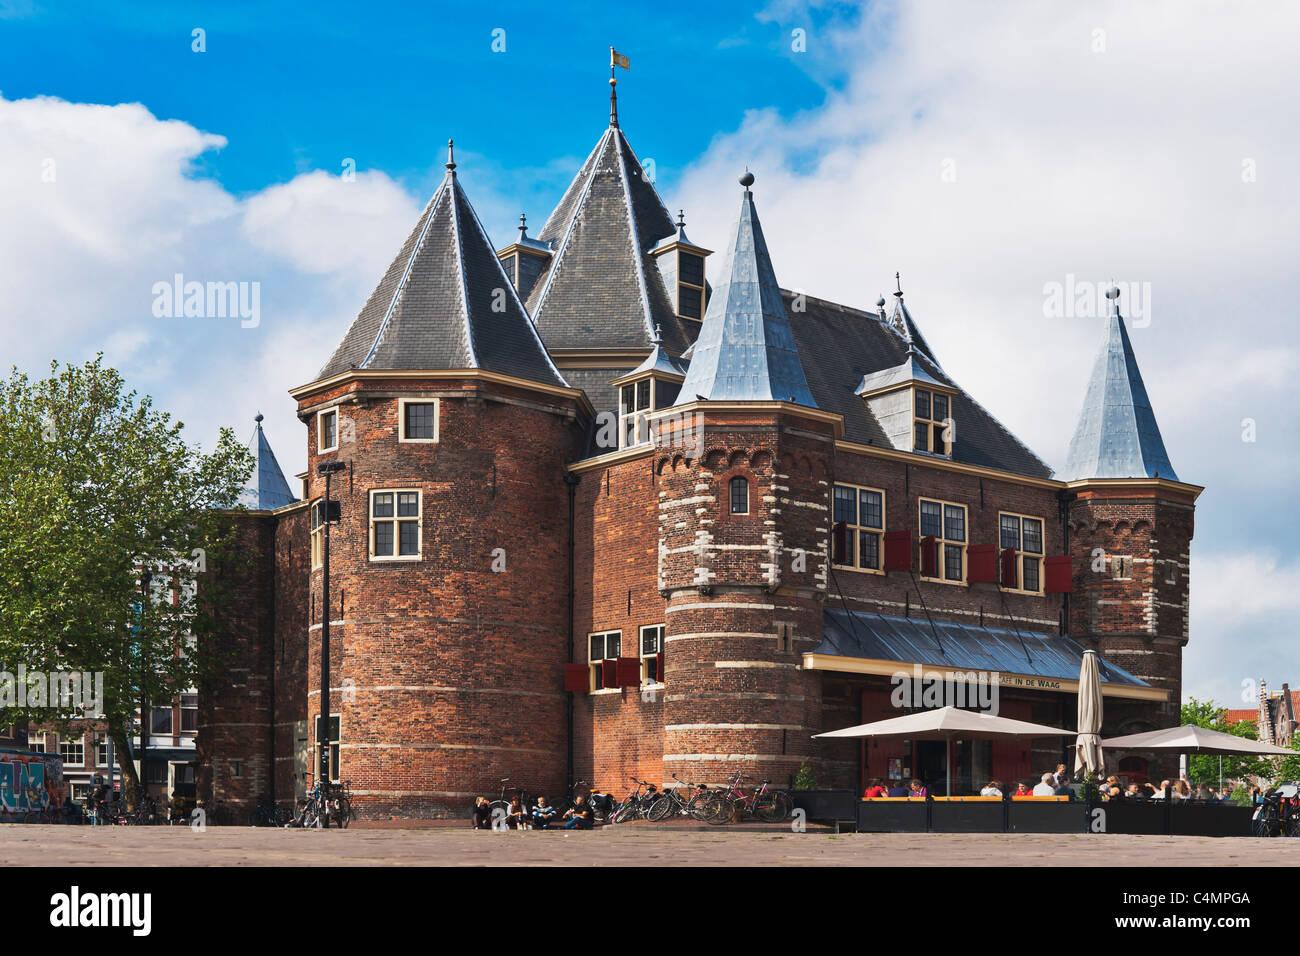 De Waag, historische Stadtwaage, Amsterdam | De Waag, old city scales, Amsterdam - Stock Image